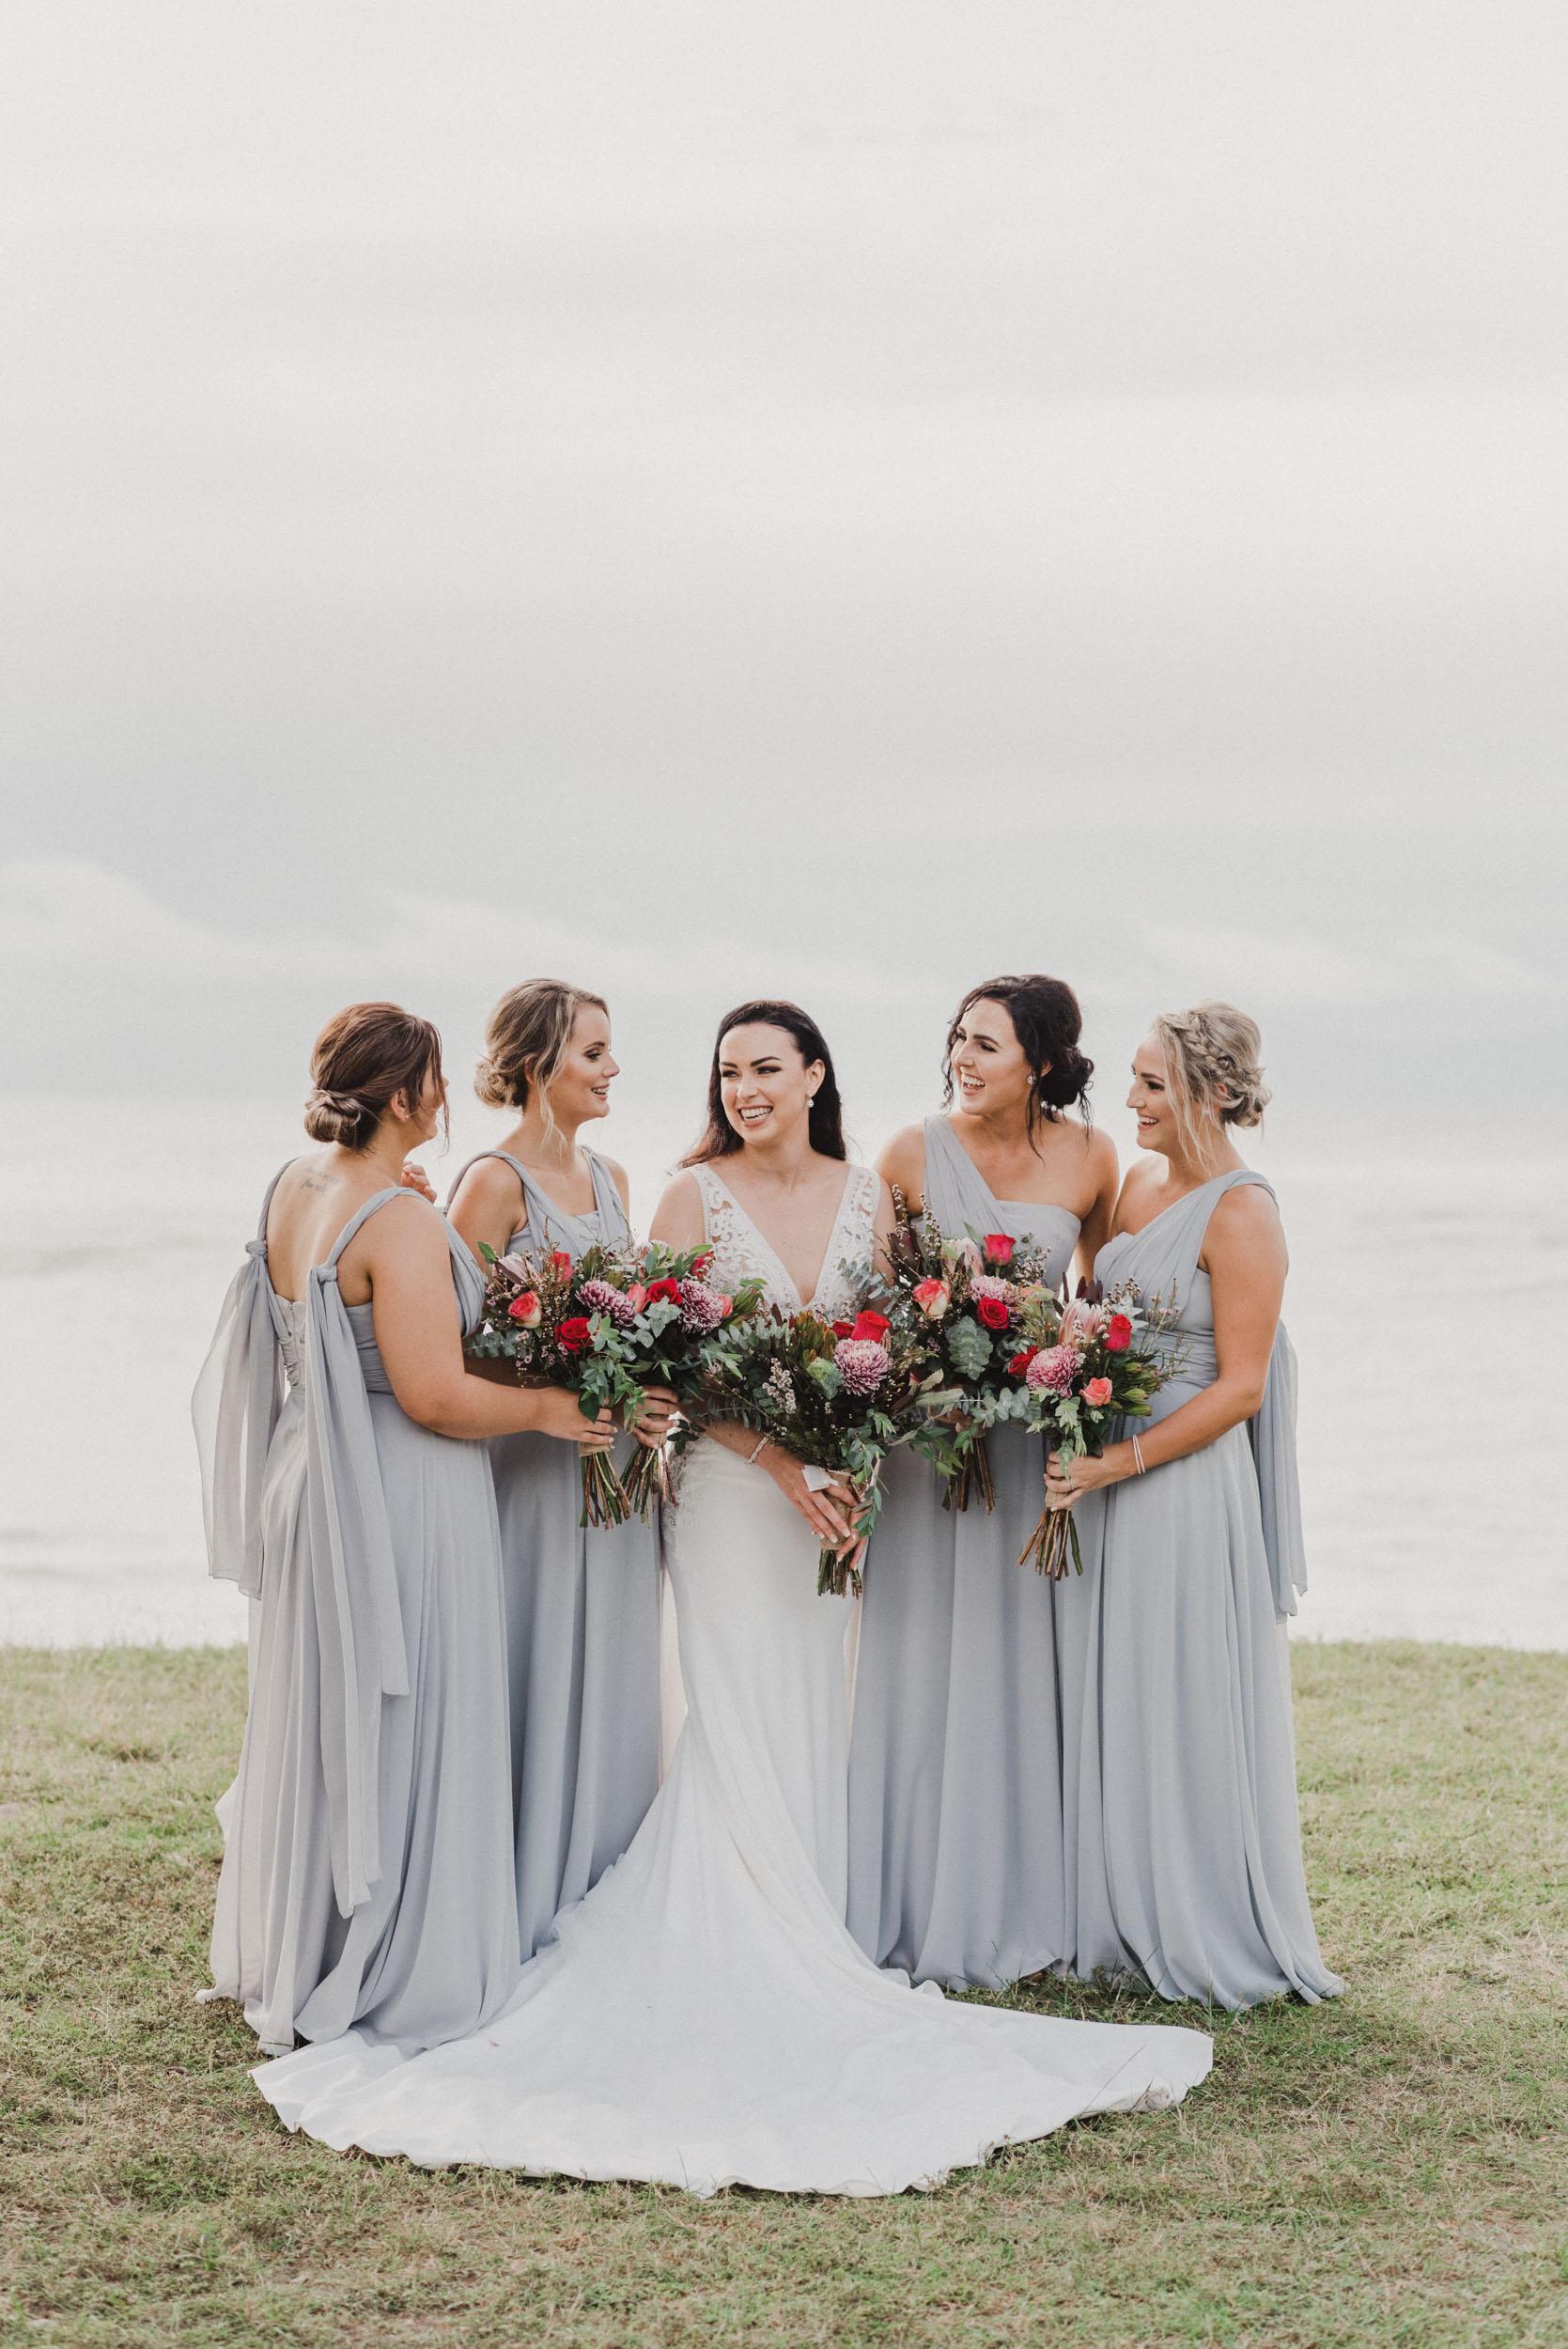 The Raw Photographer - Port Douglas Wedding Photographer - St Mary Church - Cairns Beach Photos-39.jpg